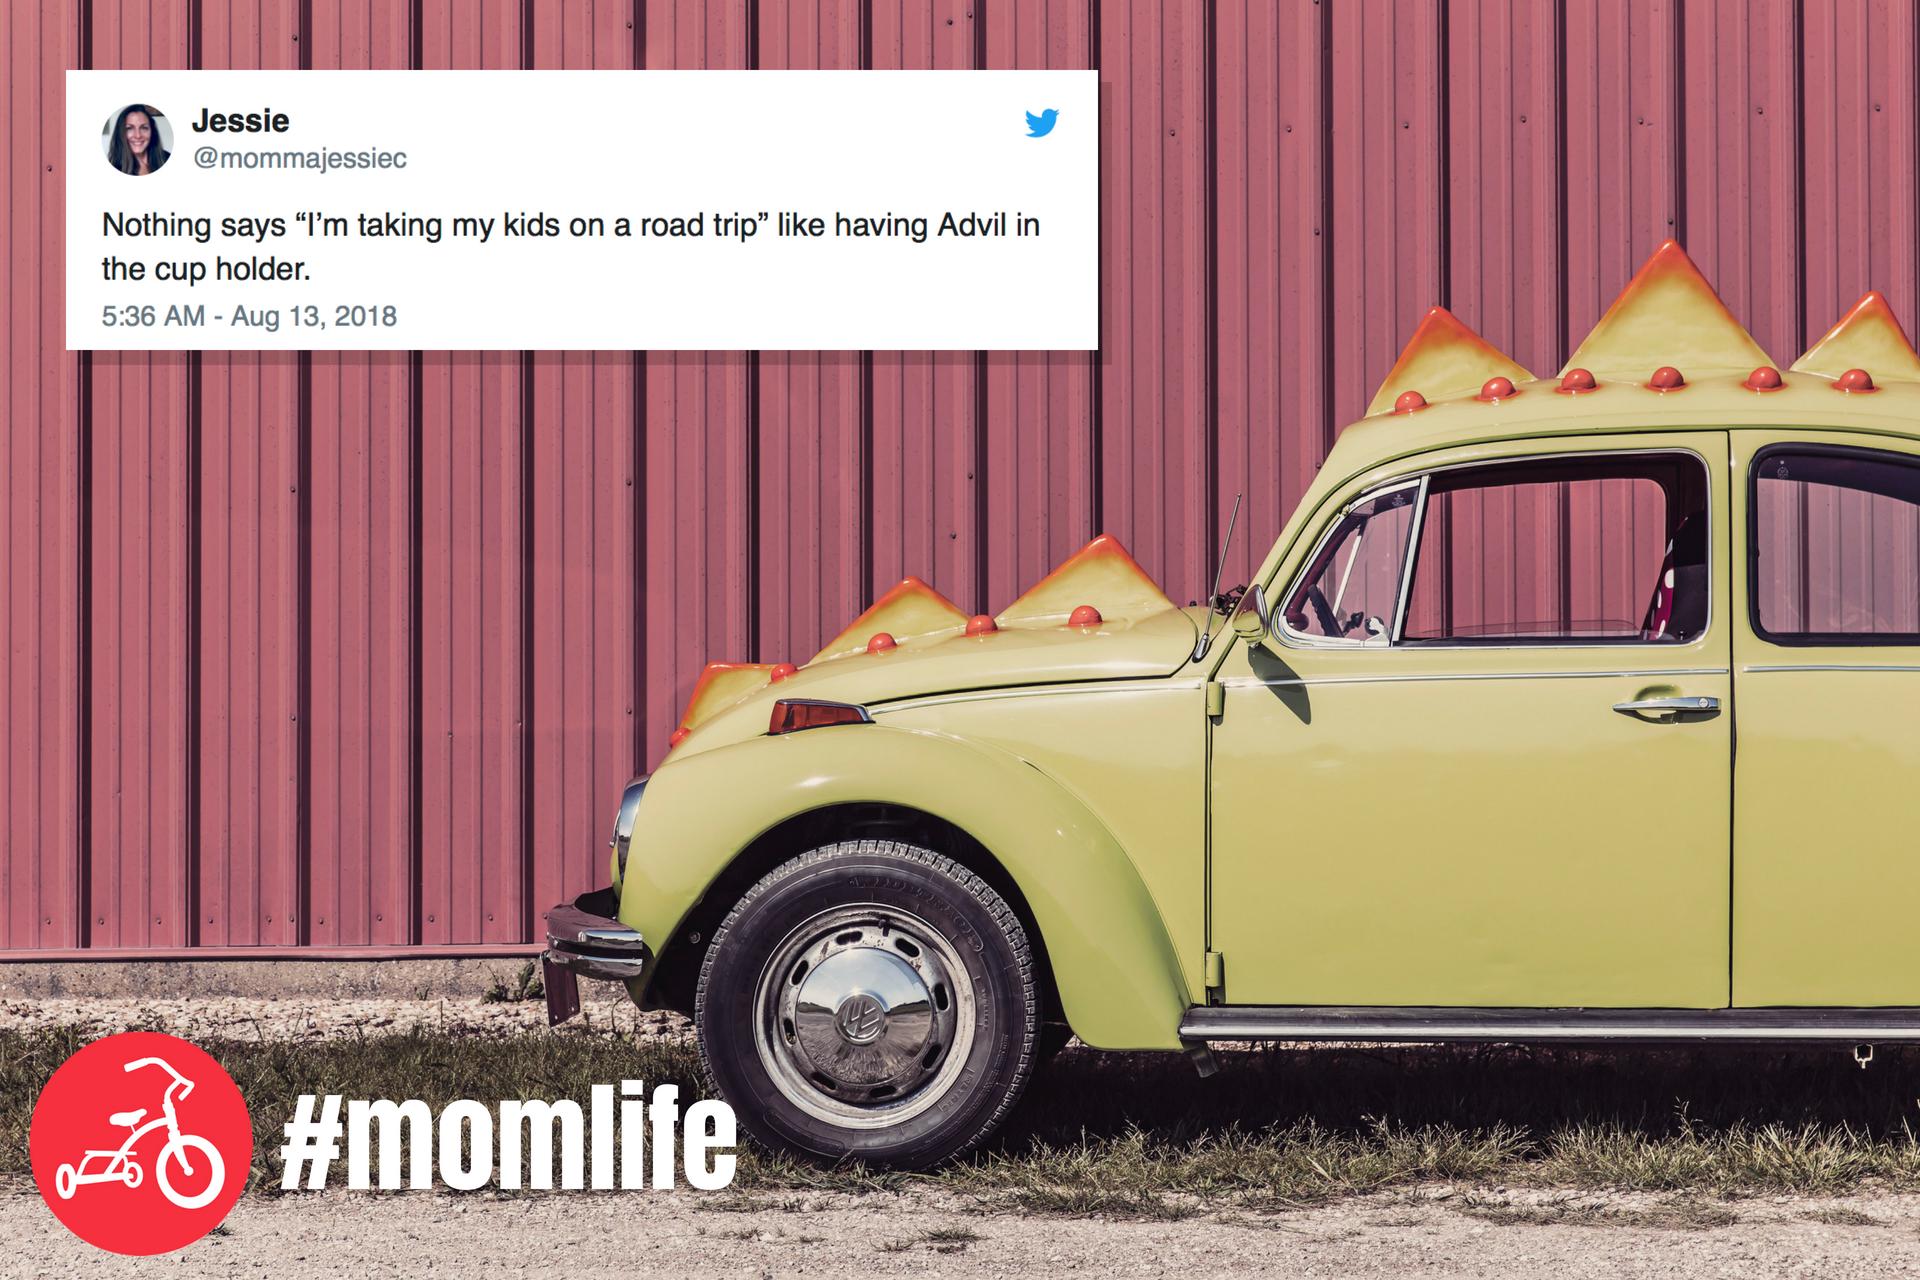 Funniest Tweets of the Week: 8.17.18